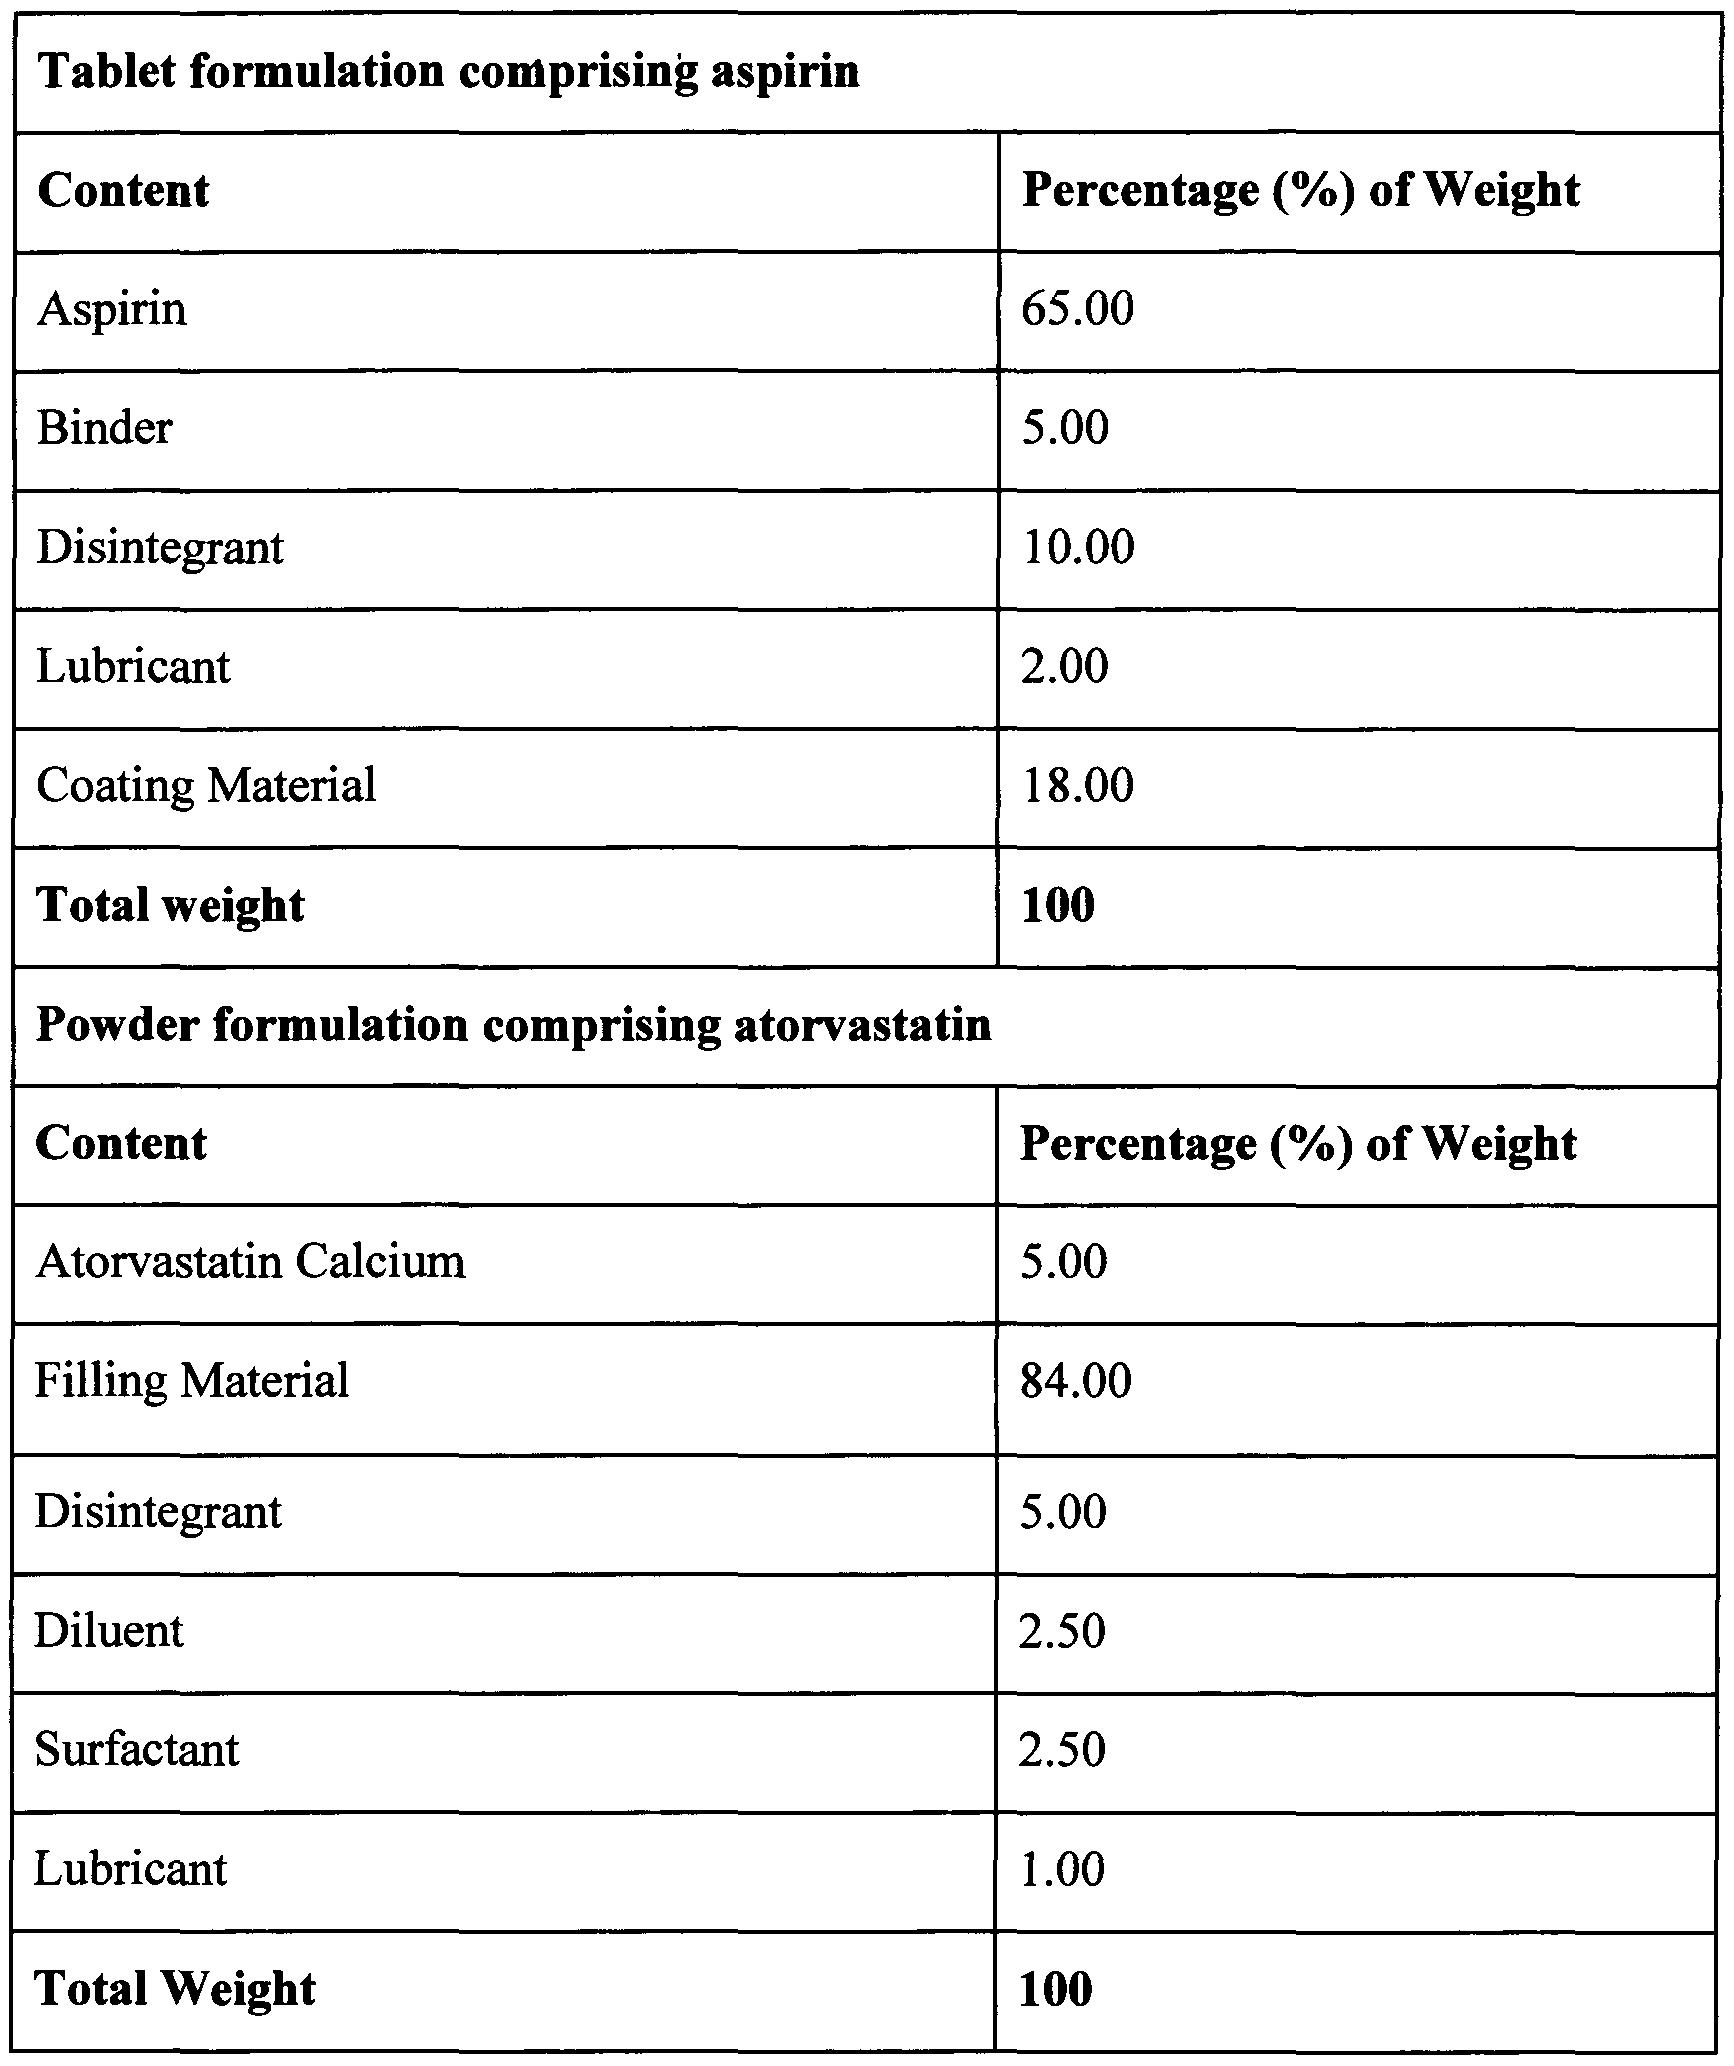 osteo arthritis prednisolone